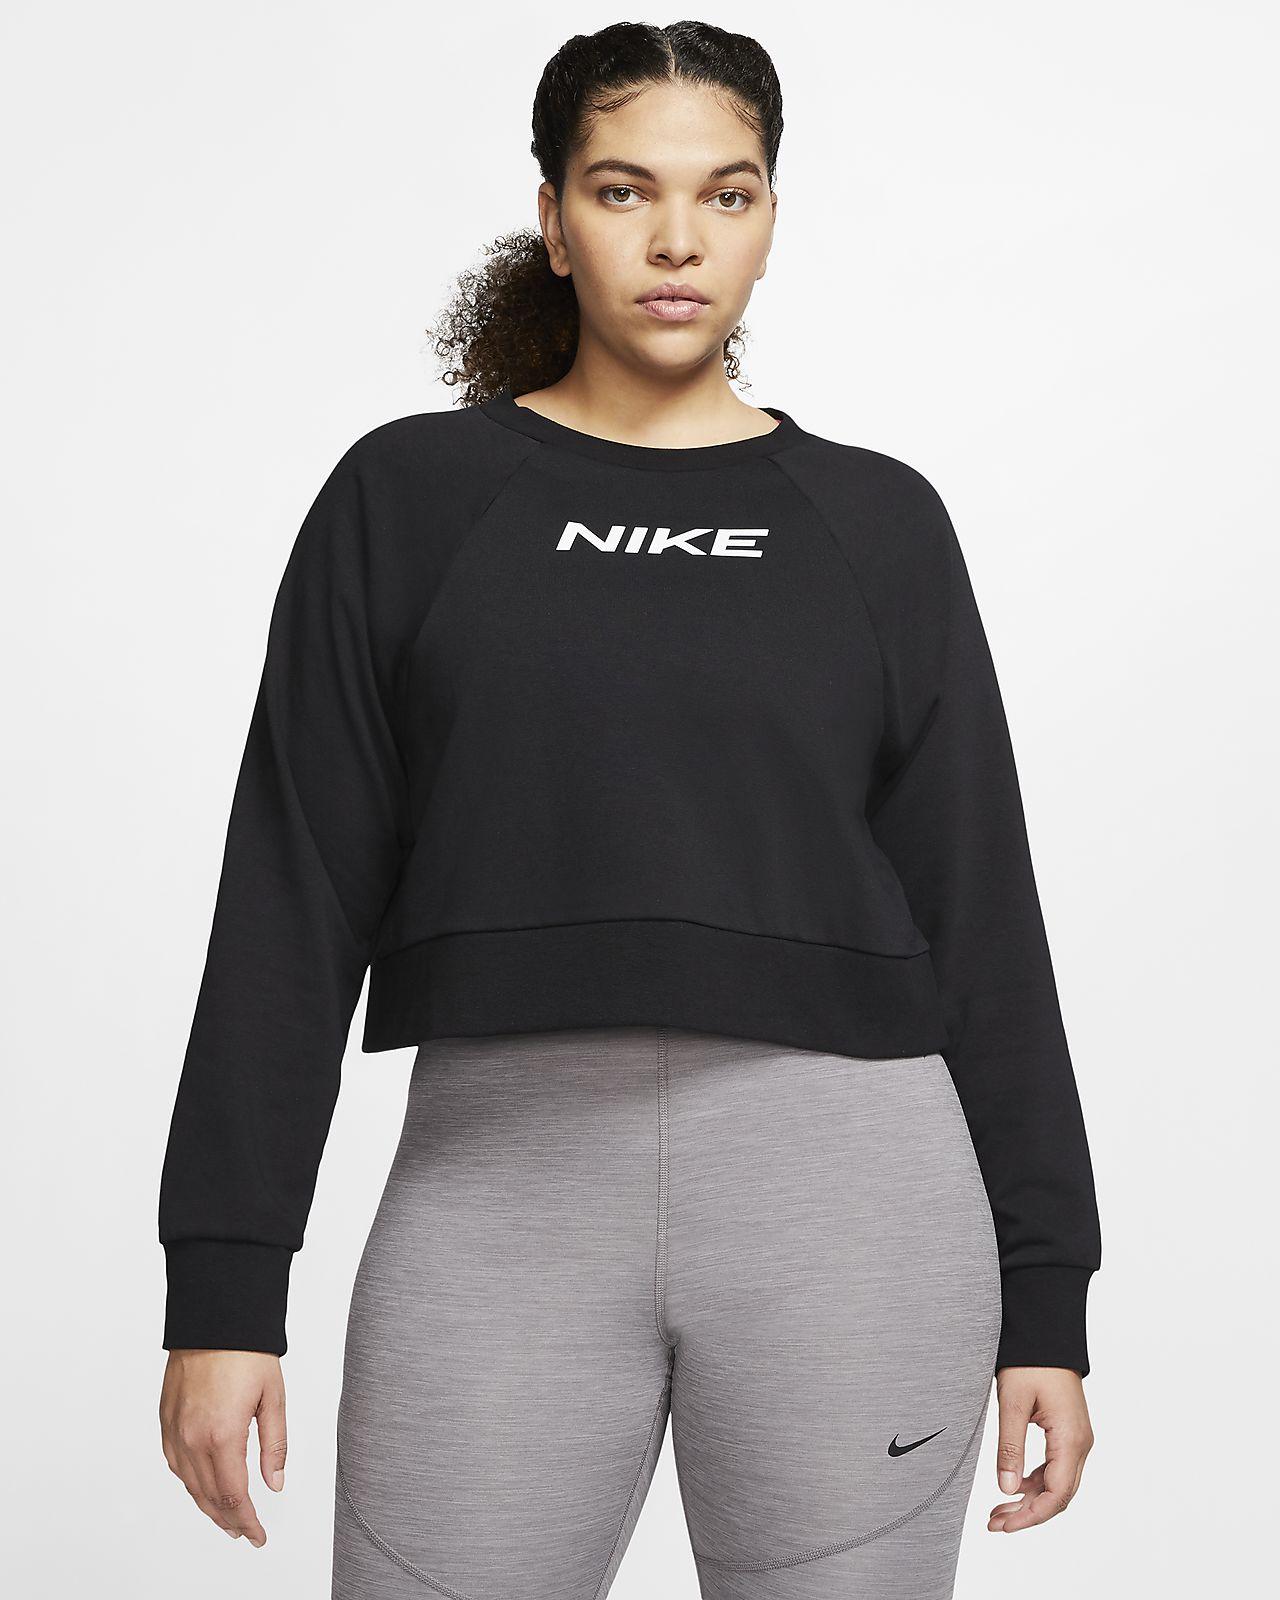 Träningströja Nike för kvinnor (stora storlekar)